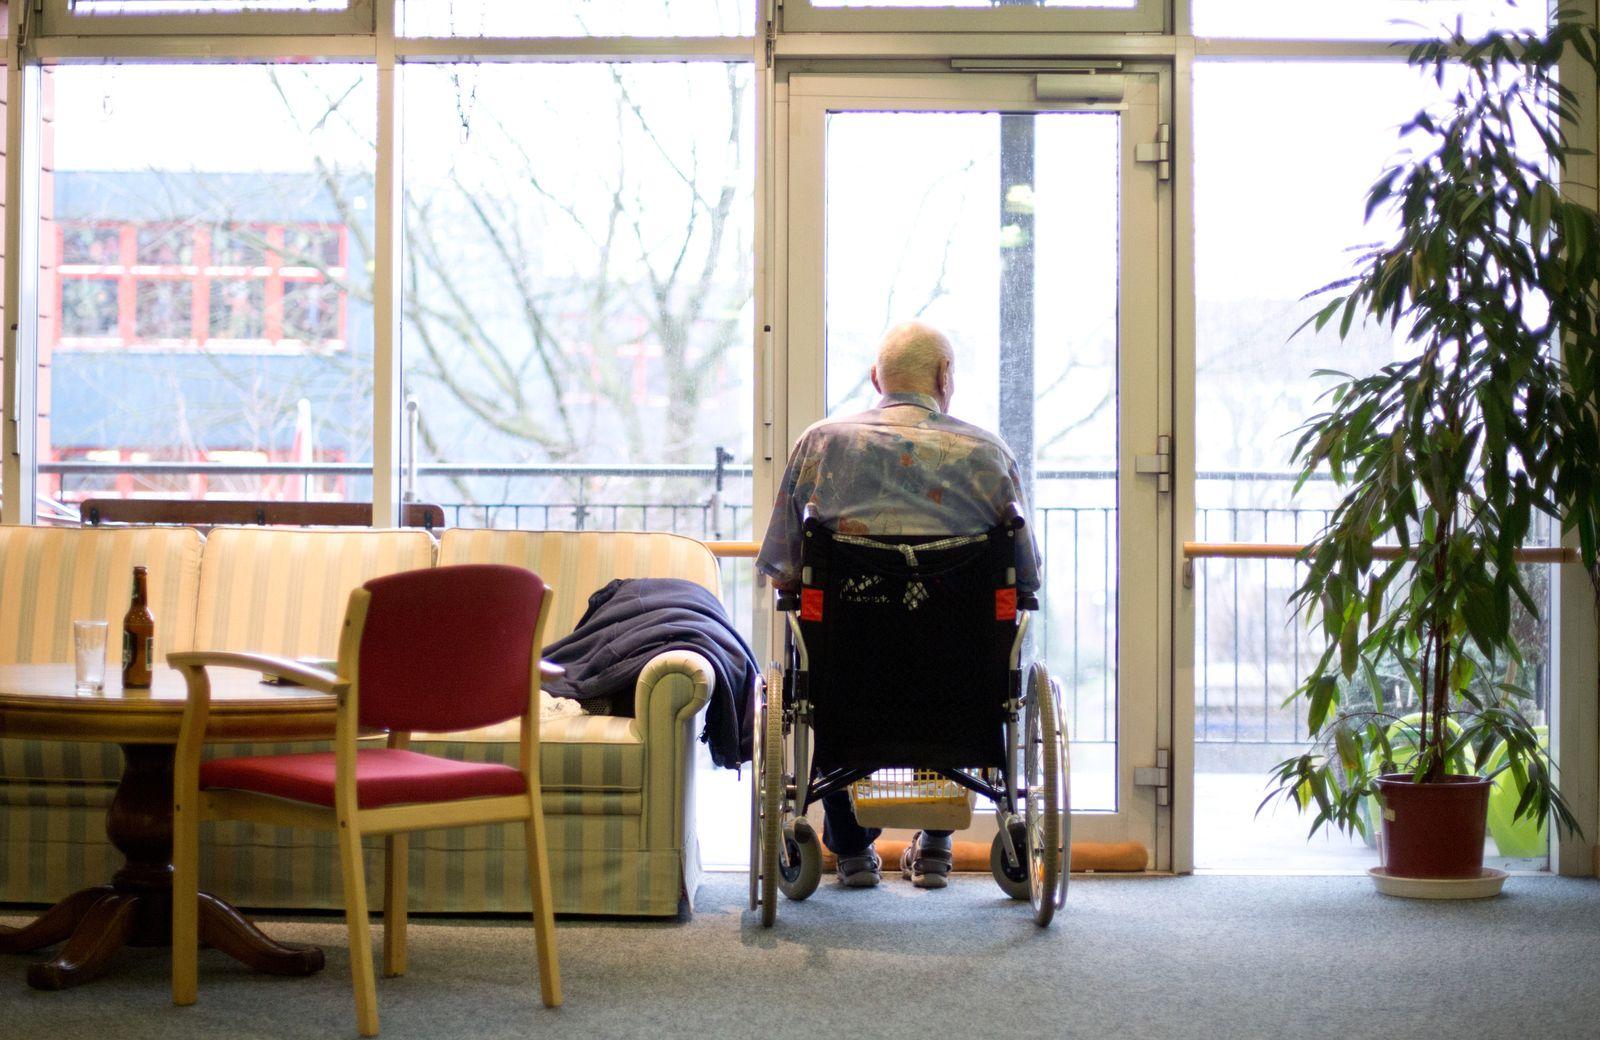 Studie/ Demenz-Vorbeugung/ Seniorenwohnheim